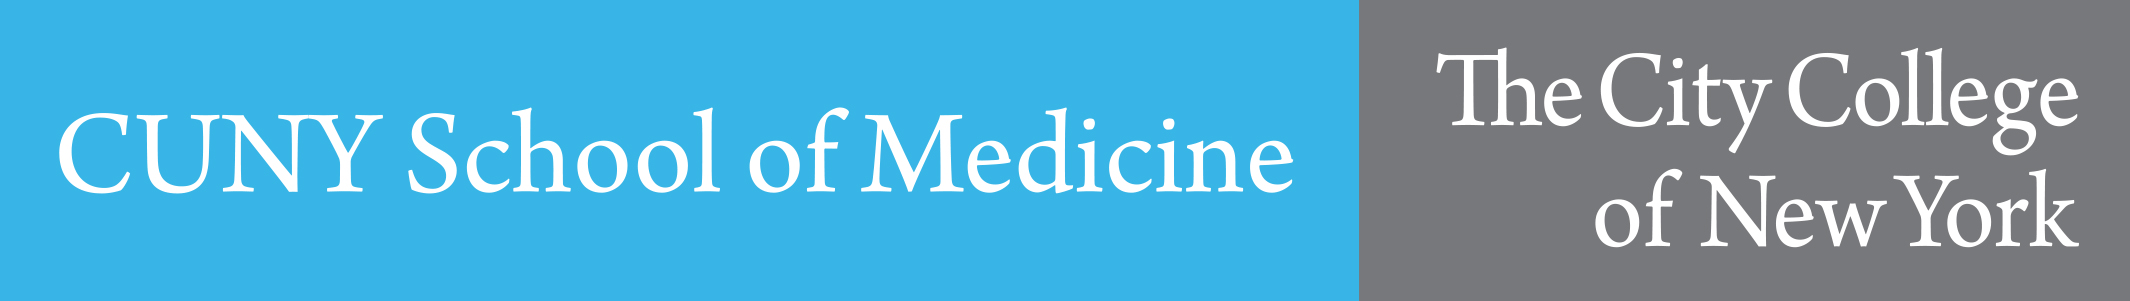 CUNY School of Medicine.